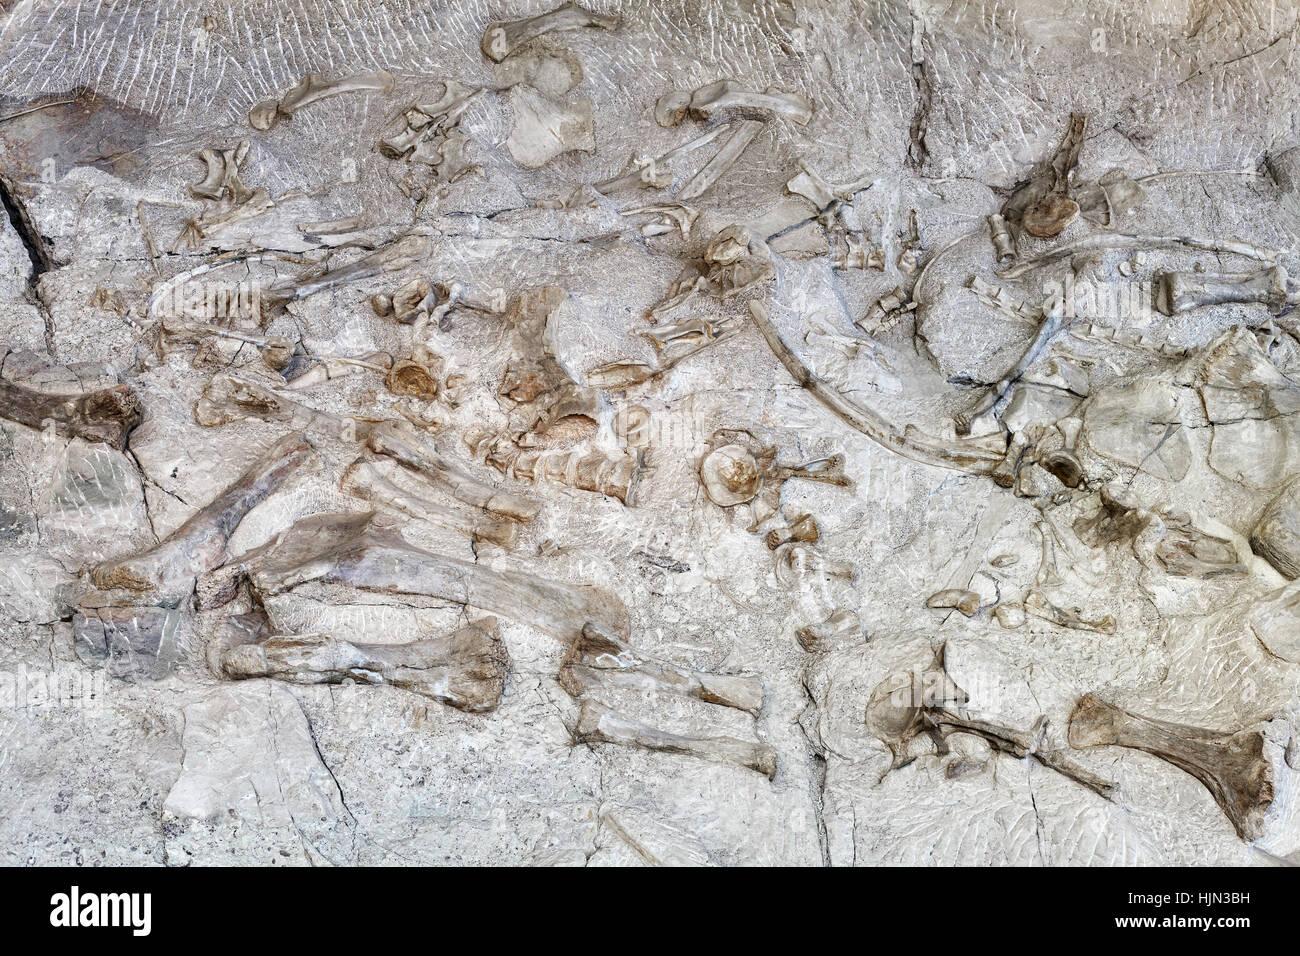 Dinosaur skeletons in Dinosaur National Monument, Utah, USA. - Stock Image